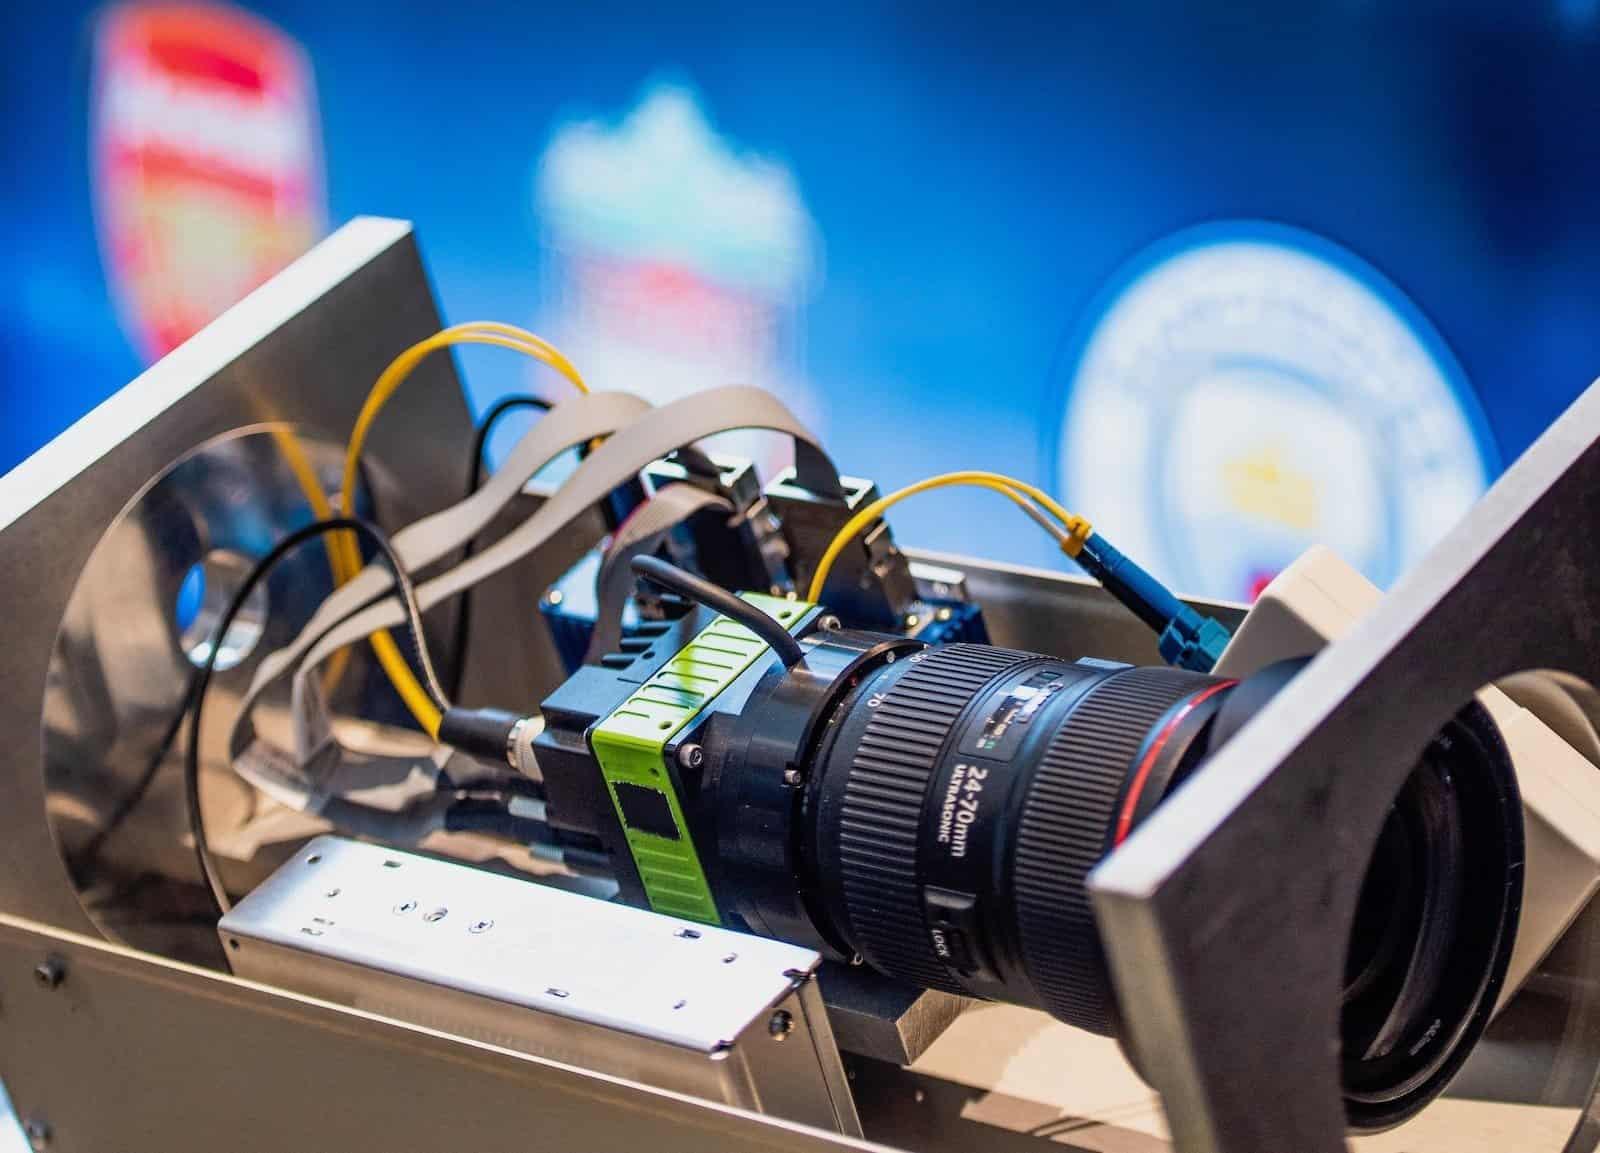 英超三球队主场 安装 Intel 多角度摄影机